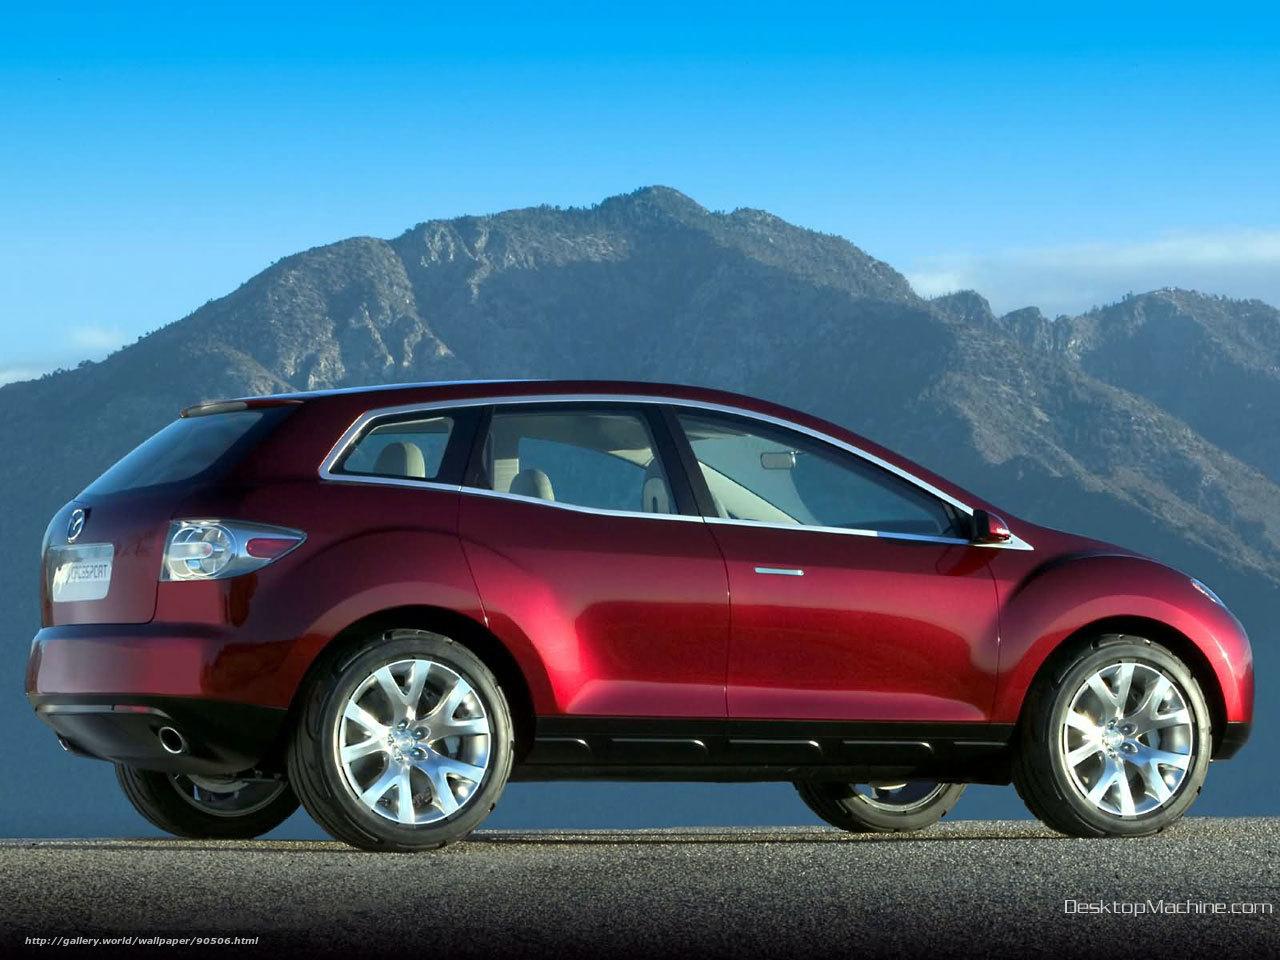 Mazda mazda6 авто машини автомобілі 497875